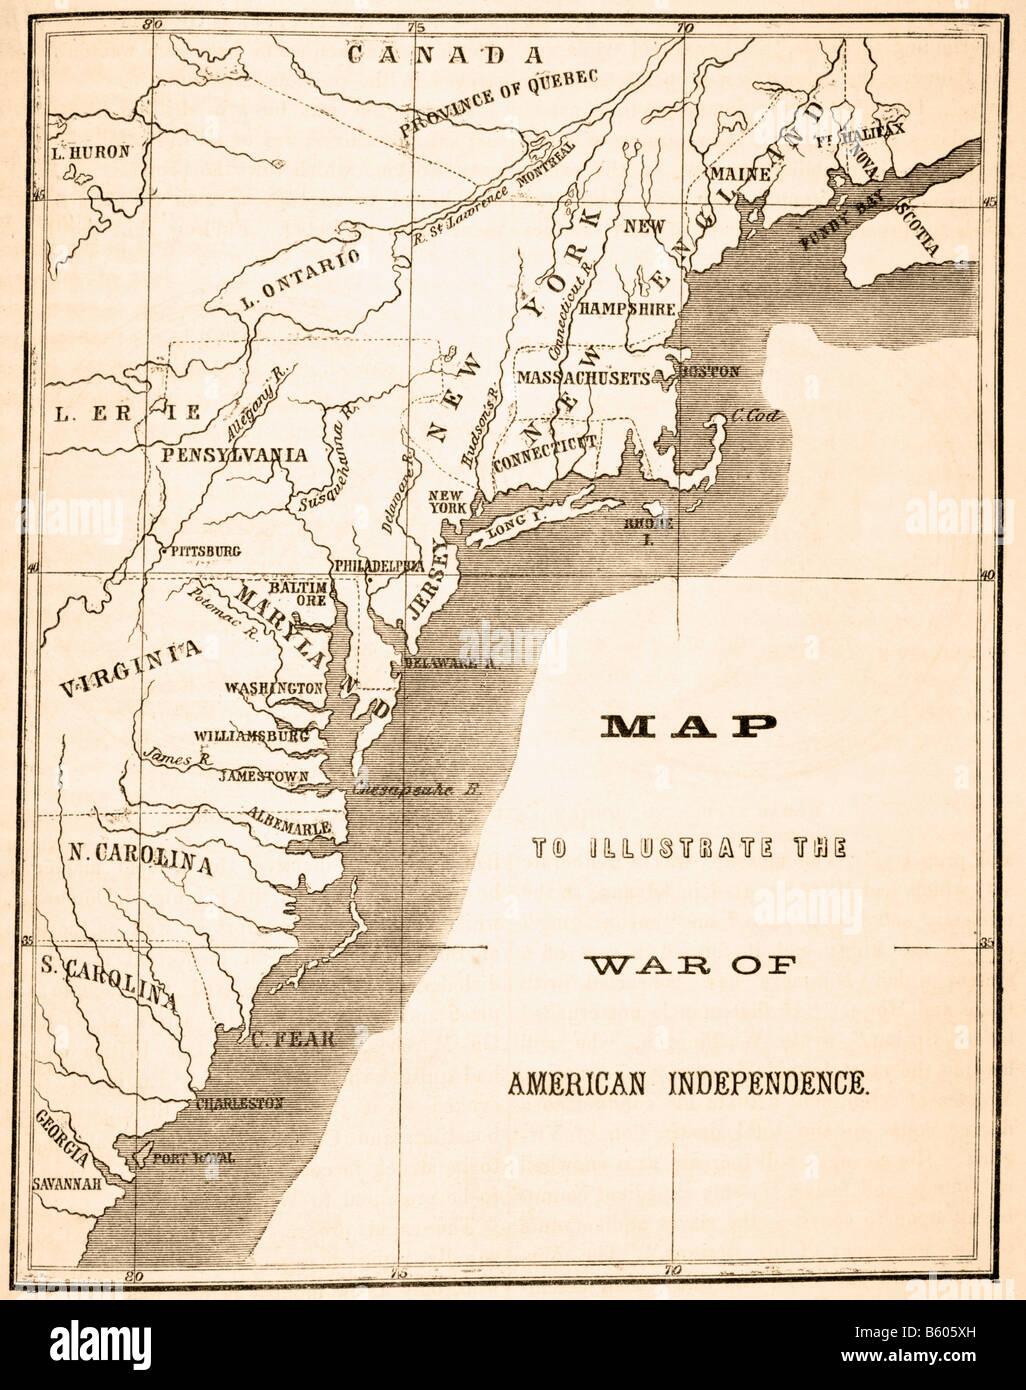 Karte zur Veranschaulichung Geographie relevant für den amerikanischen Unabhängigkeitskrieg Stockbild